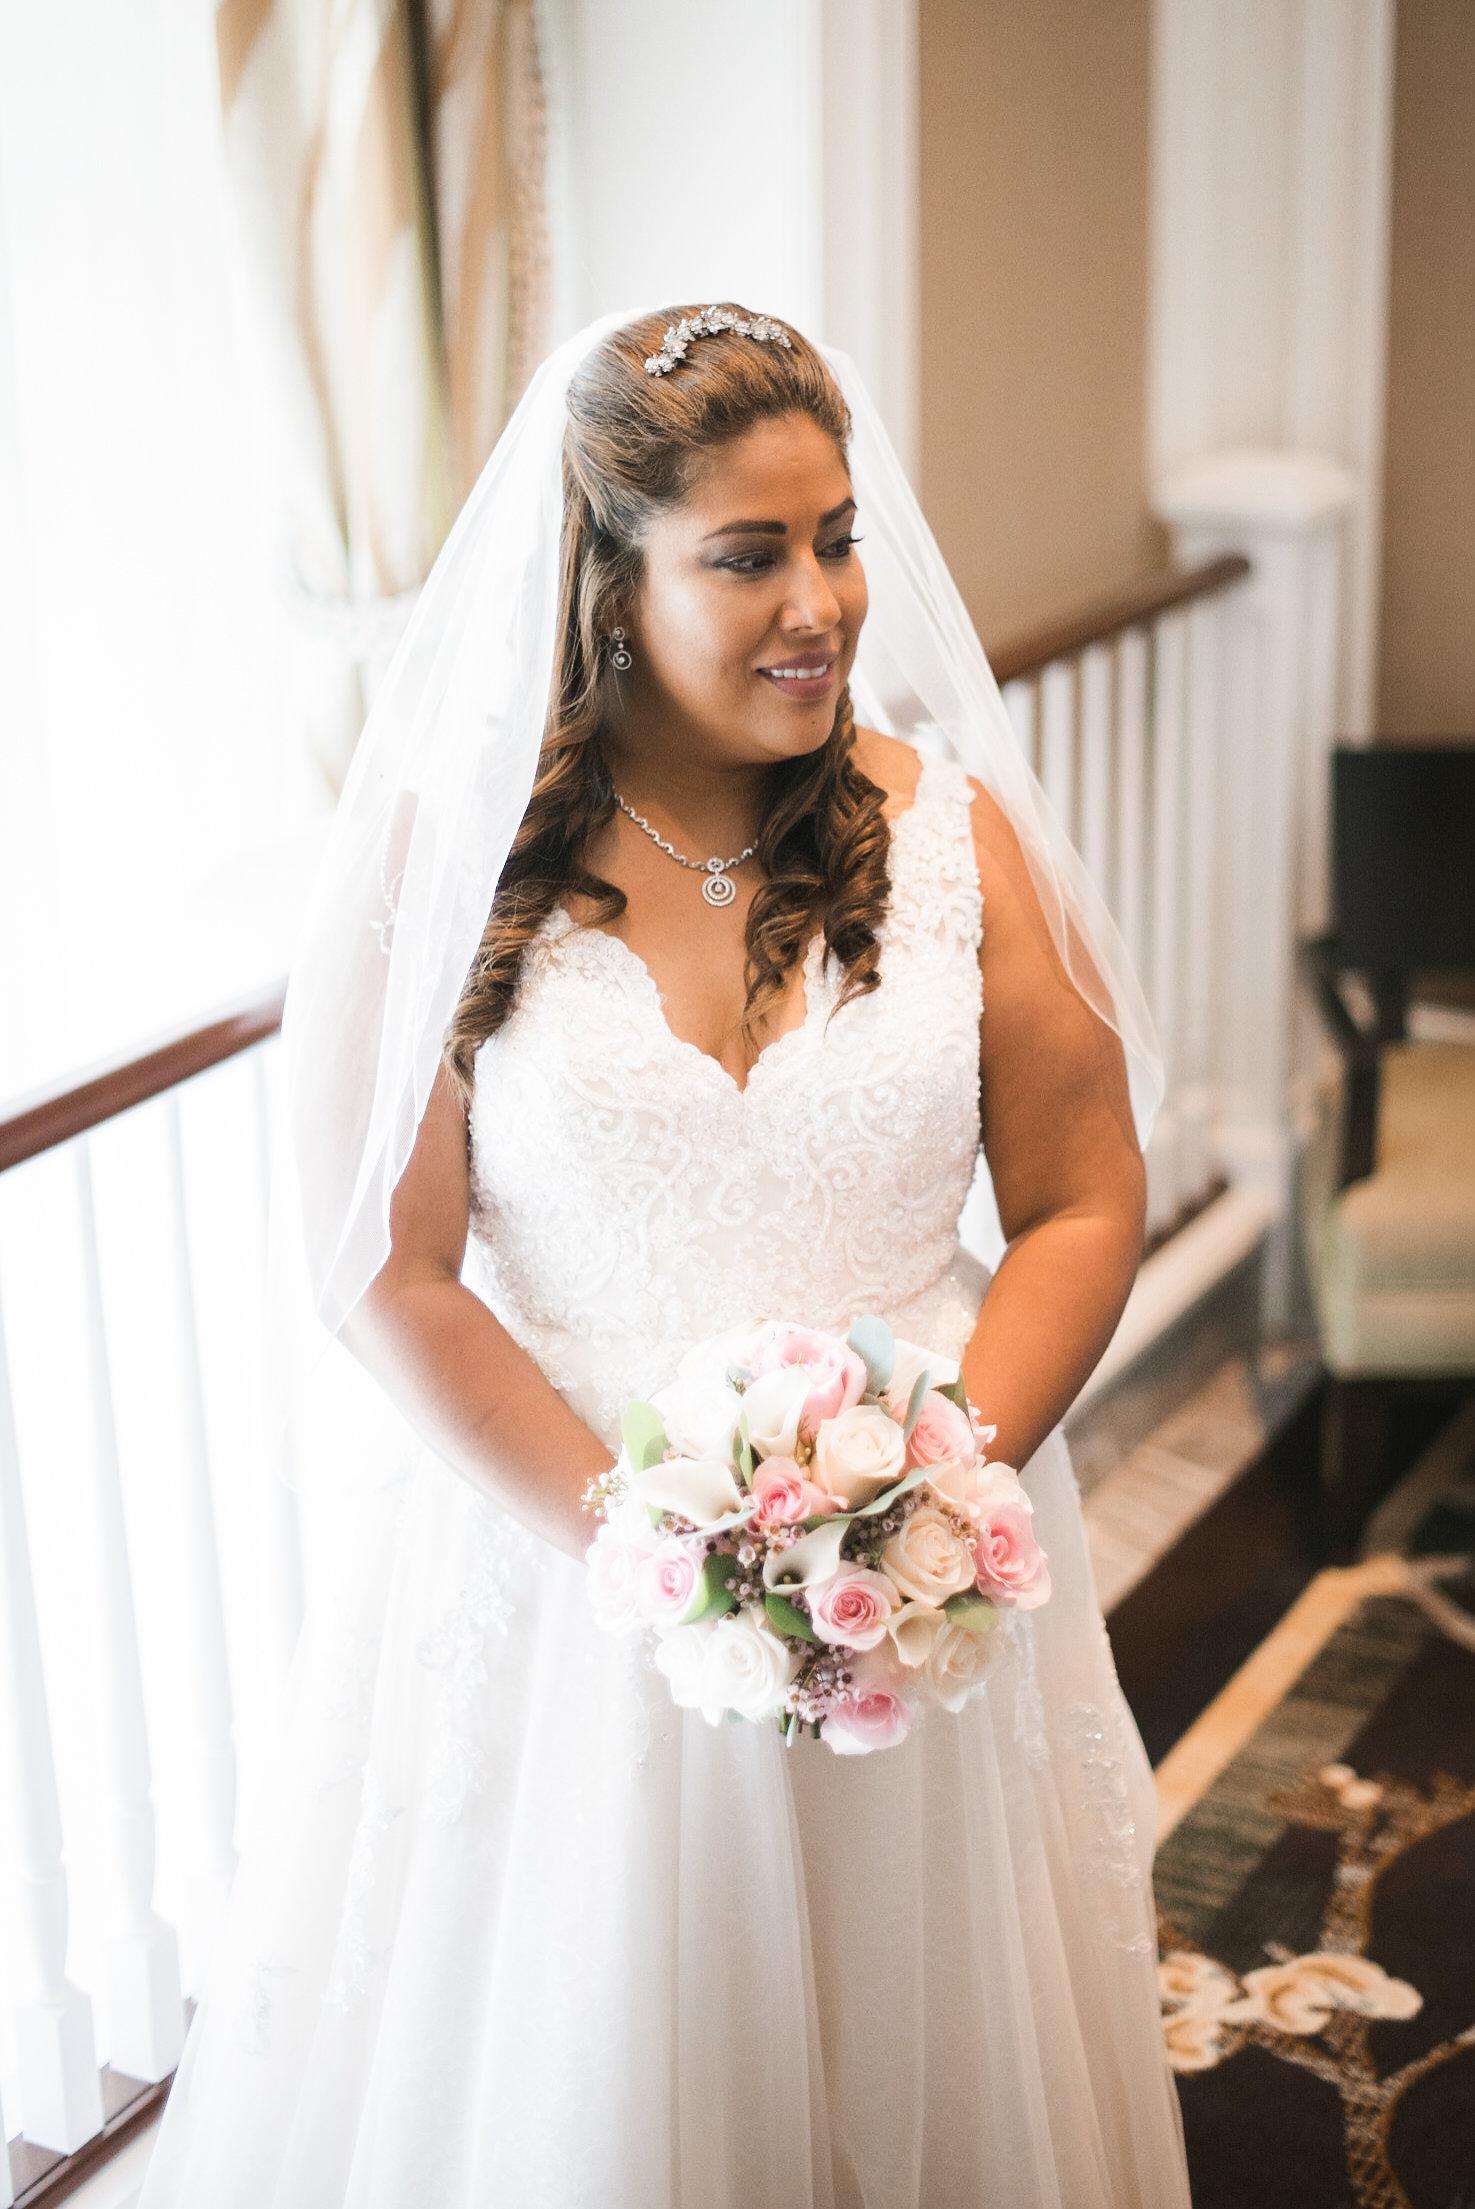 Bride standing on stair landing